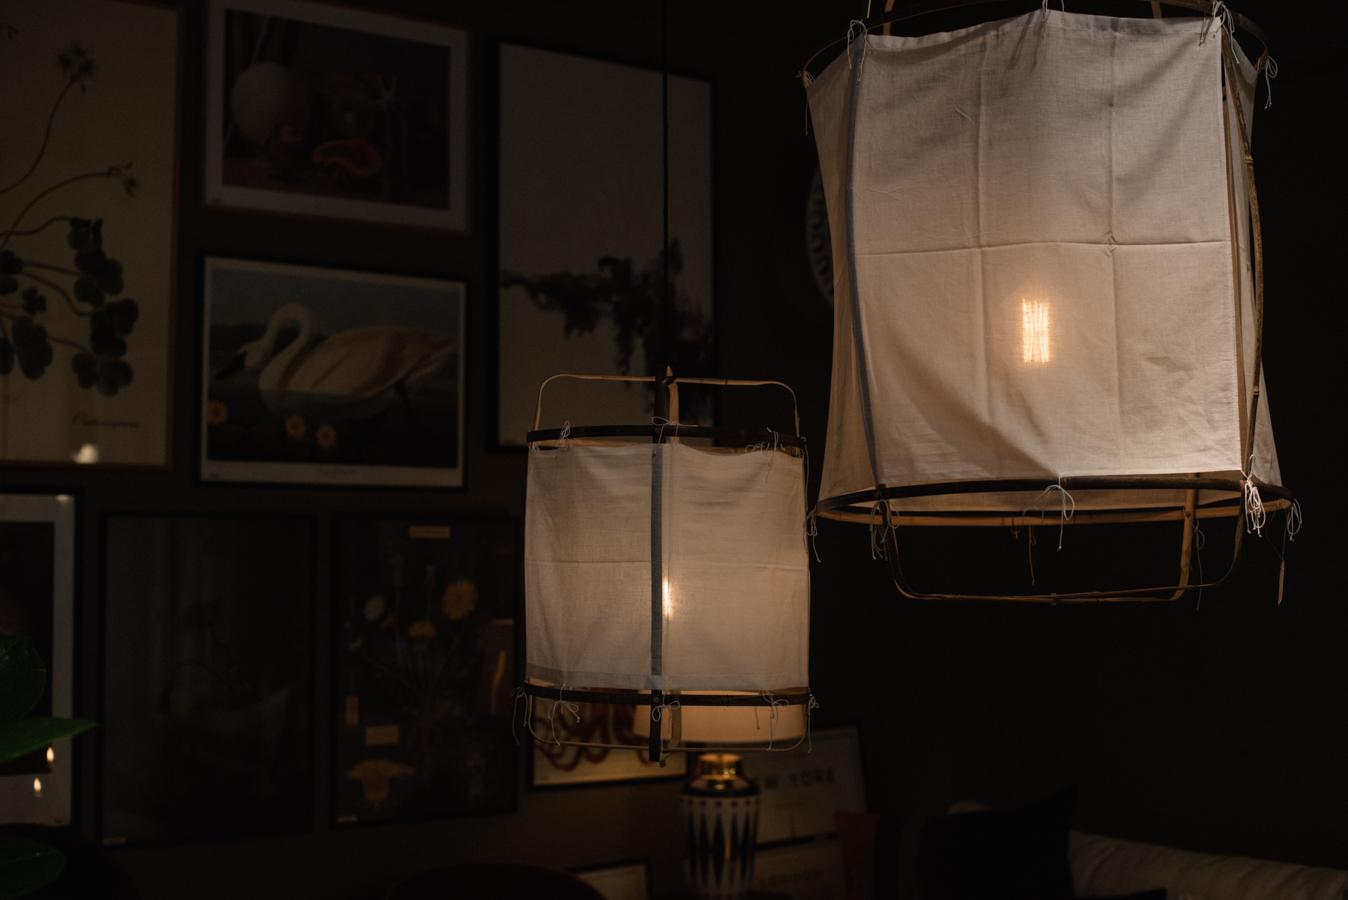 inspireras av belysning taklampa tyg midbec tapeter